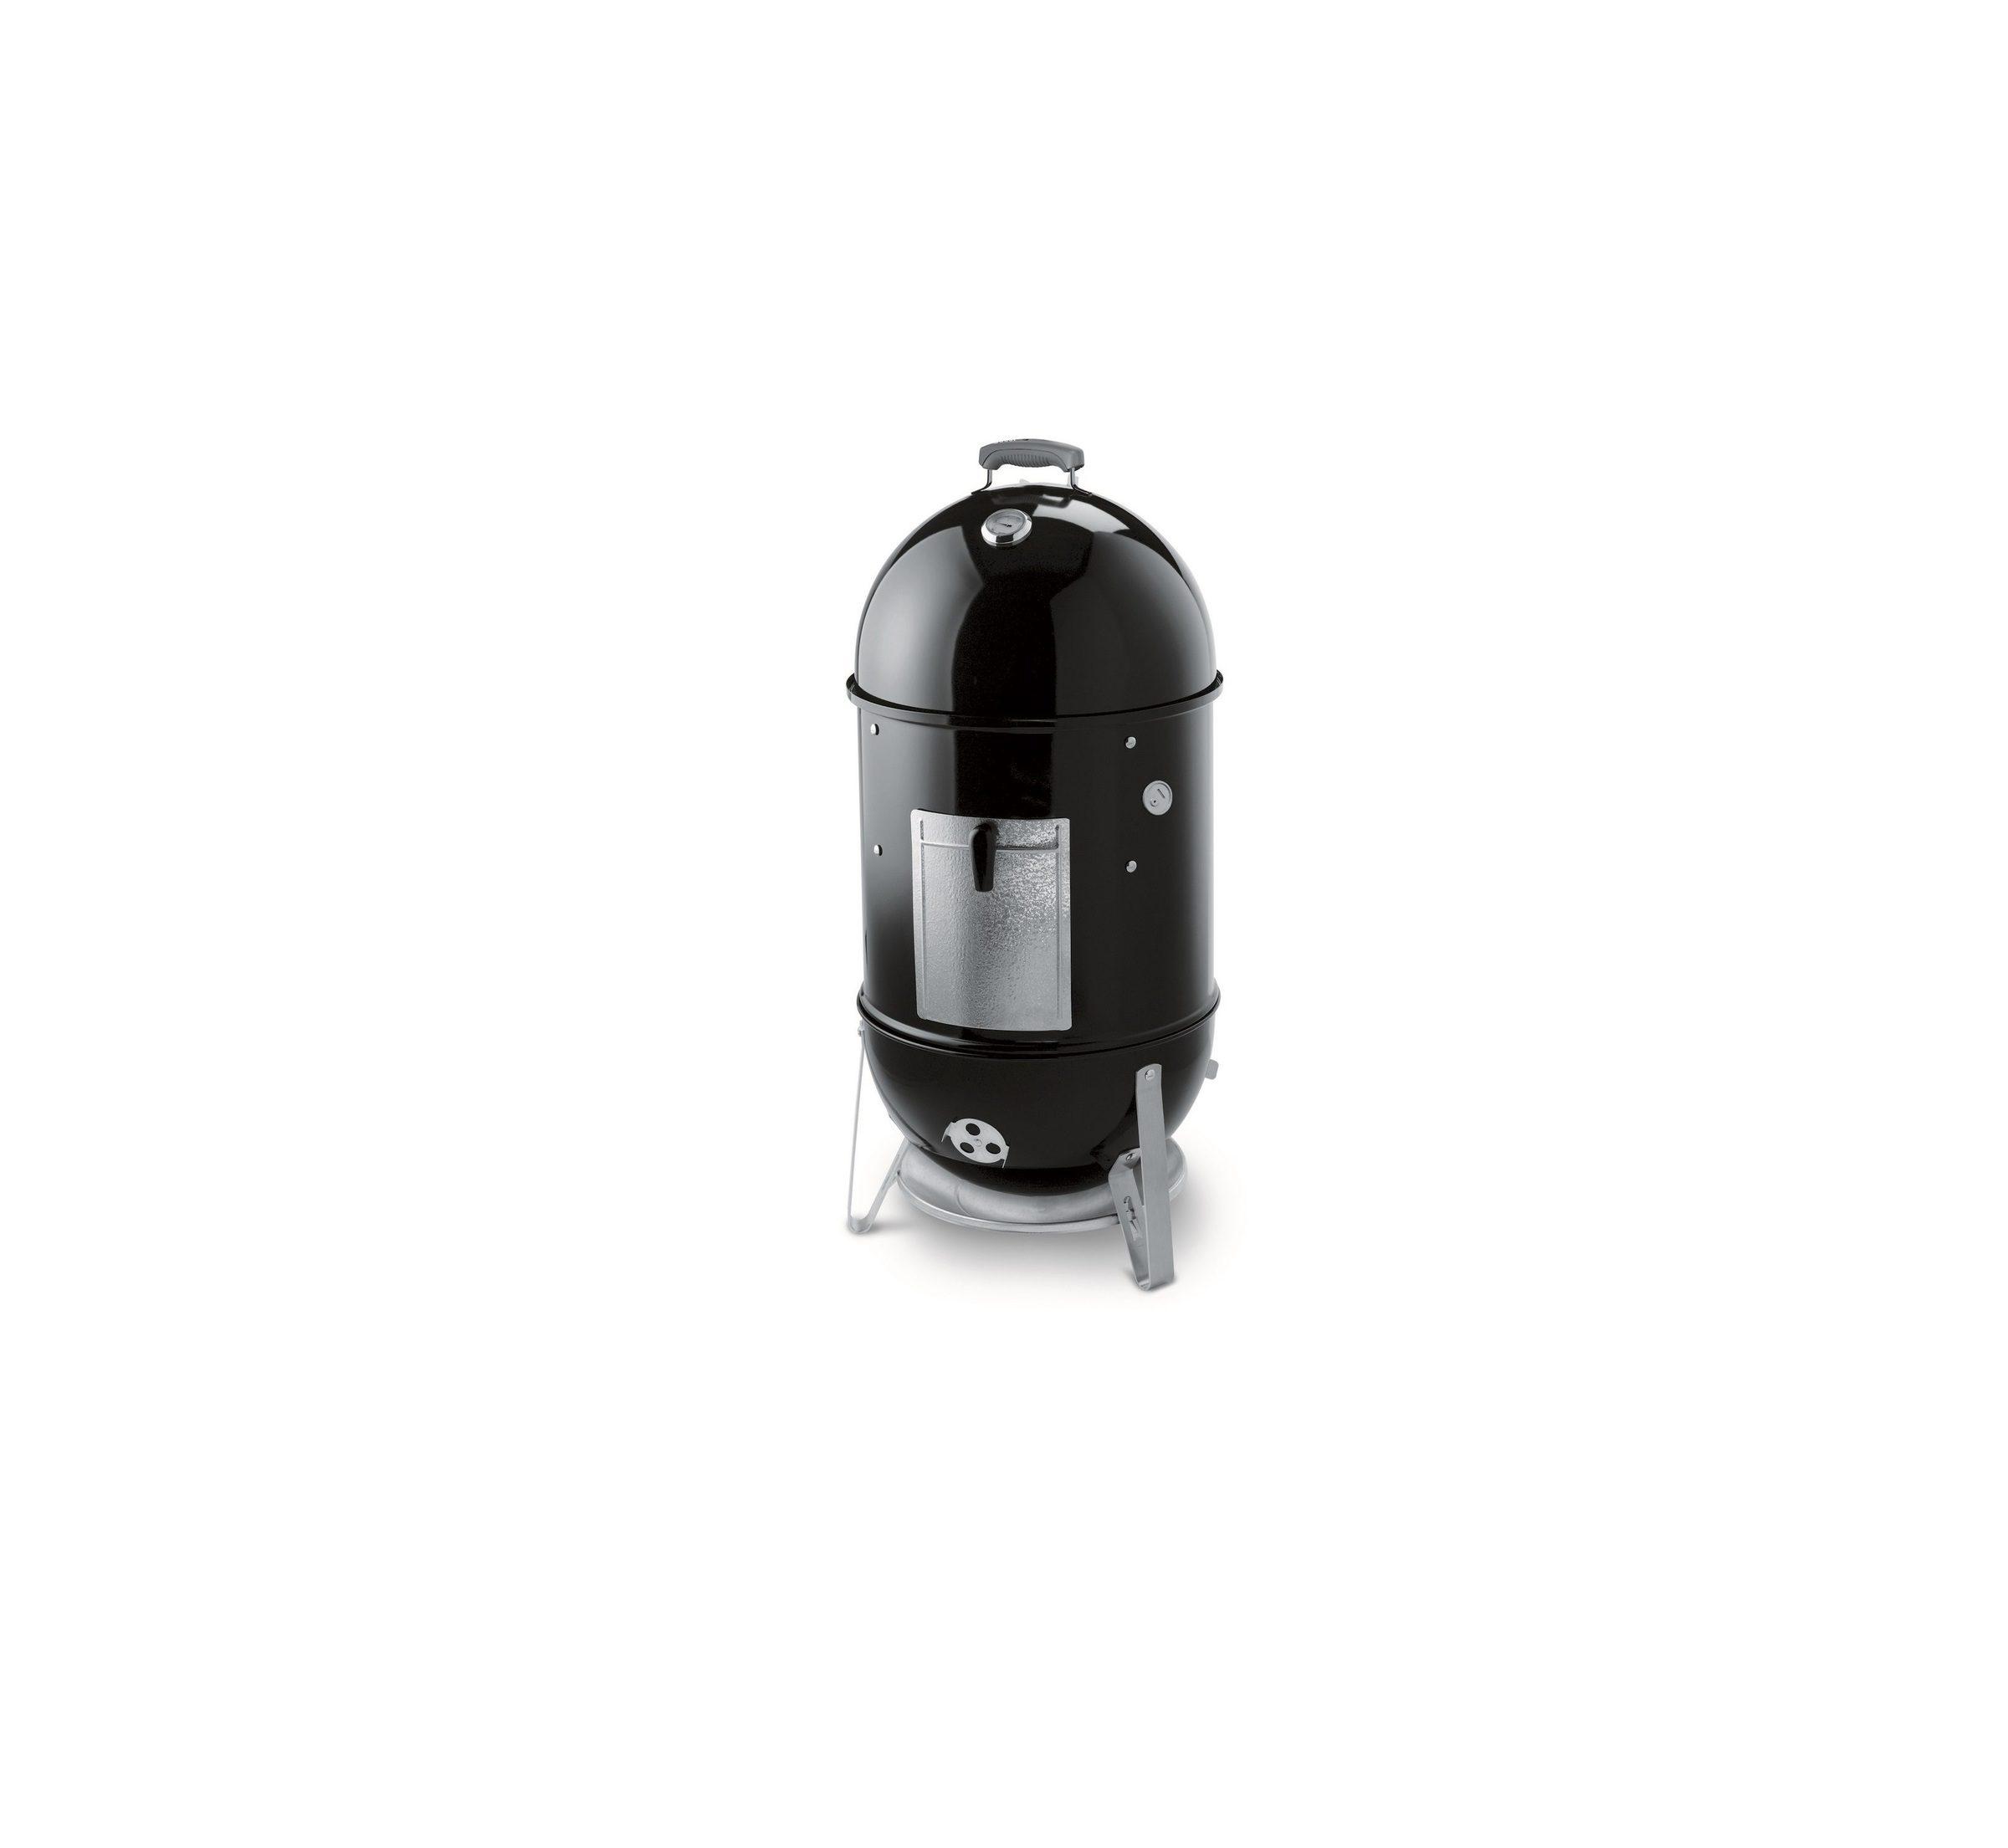 Weber 47Cm Smokey Mountain Cooker 721004